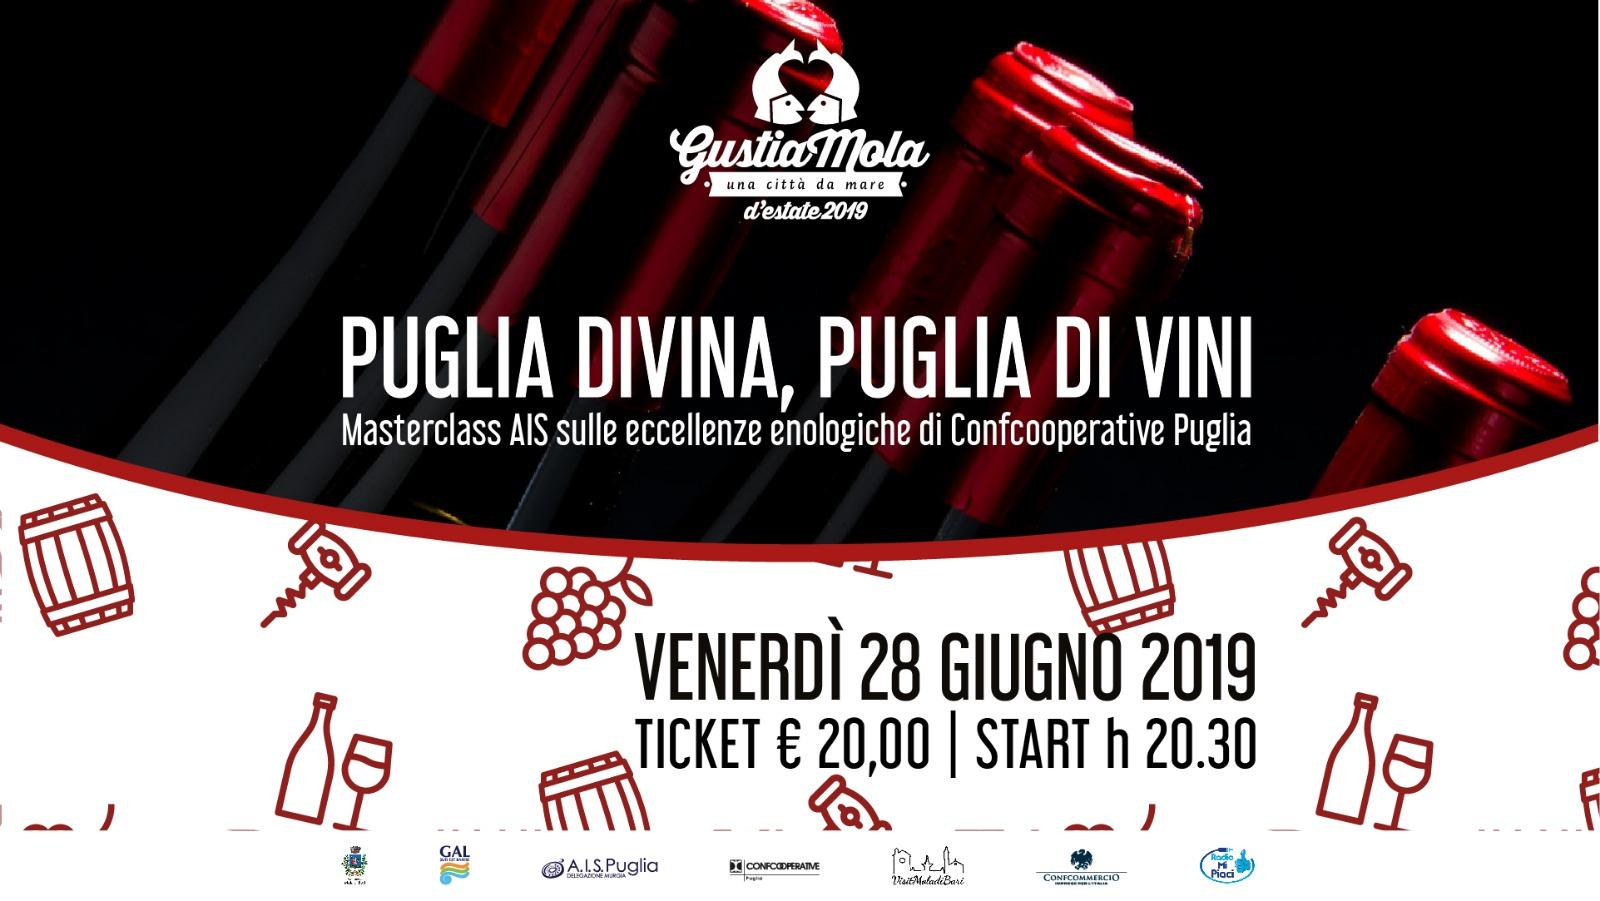 Puglia divina Gustiamola 2019 Visit Mola di Bari Puglia